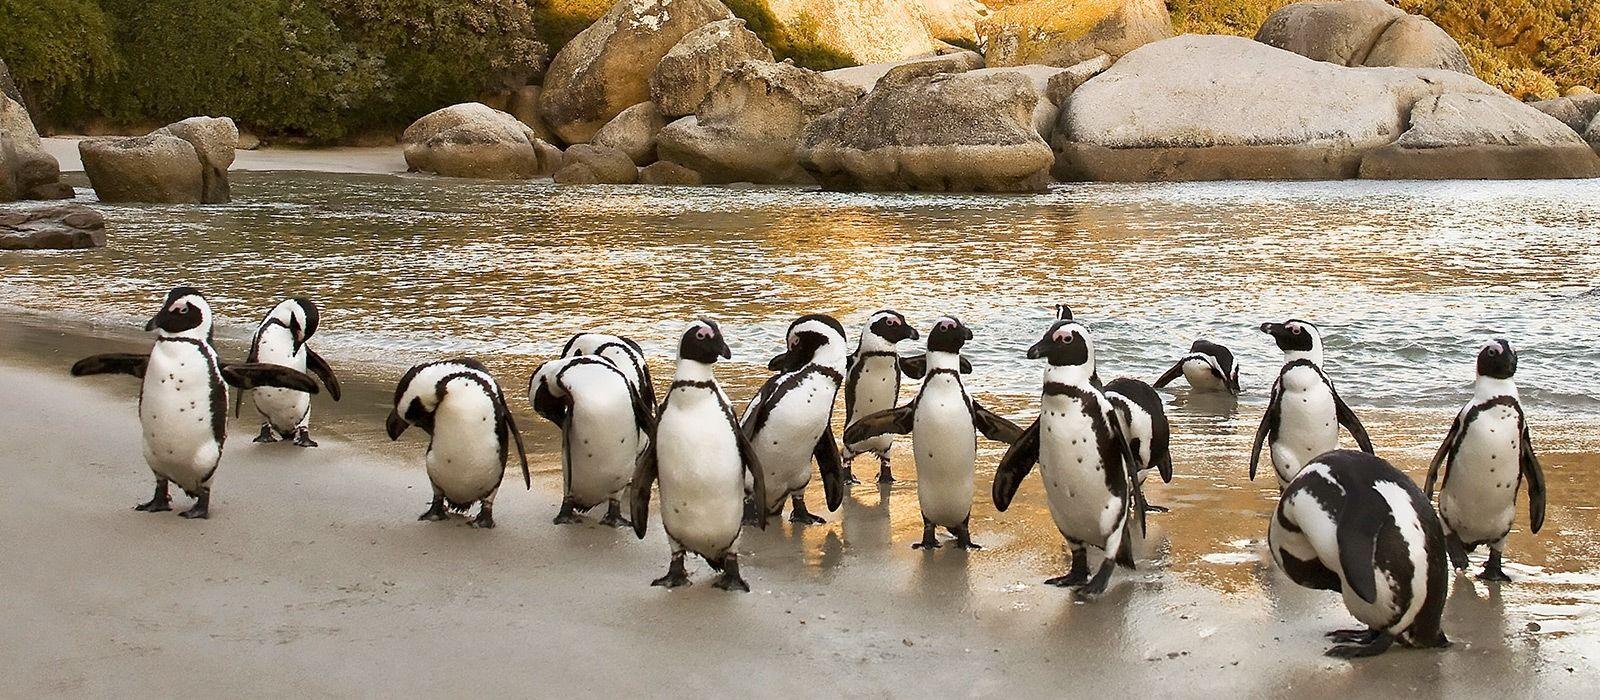 Südafrika, Simbabwe & Botswana: Magische Wasserwelten & Abenteuer Rovos Rail Urlaub 5